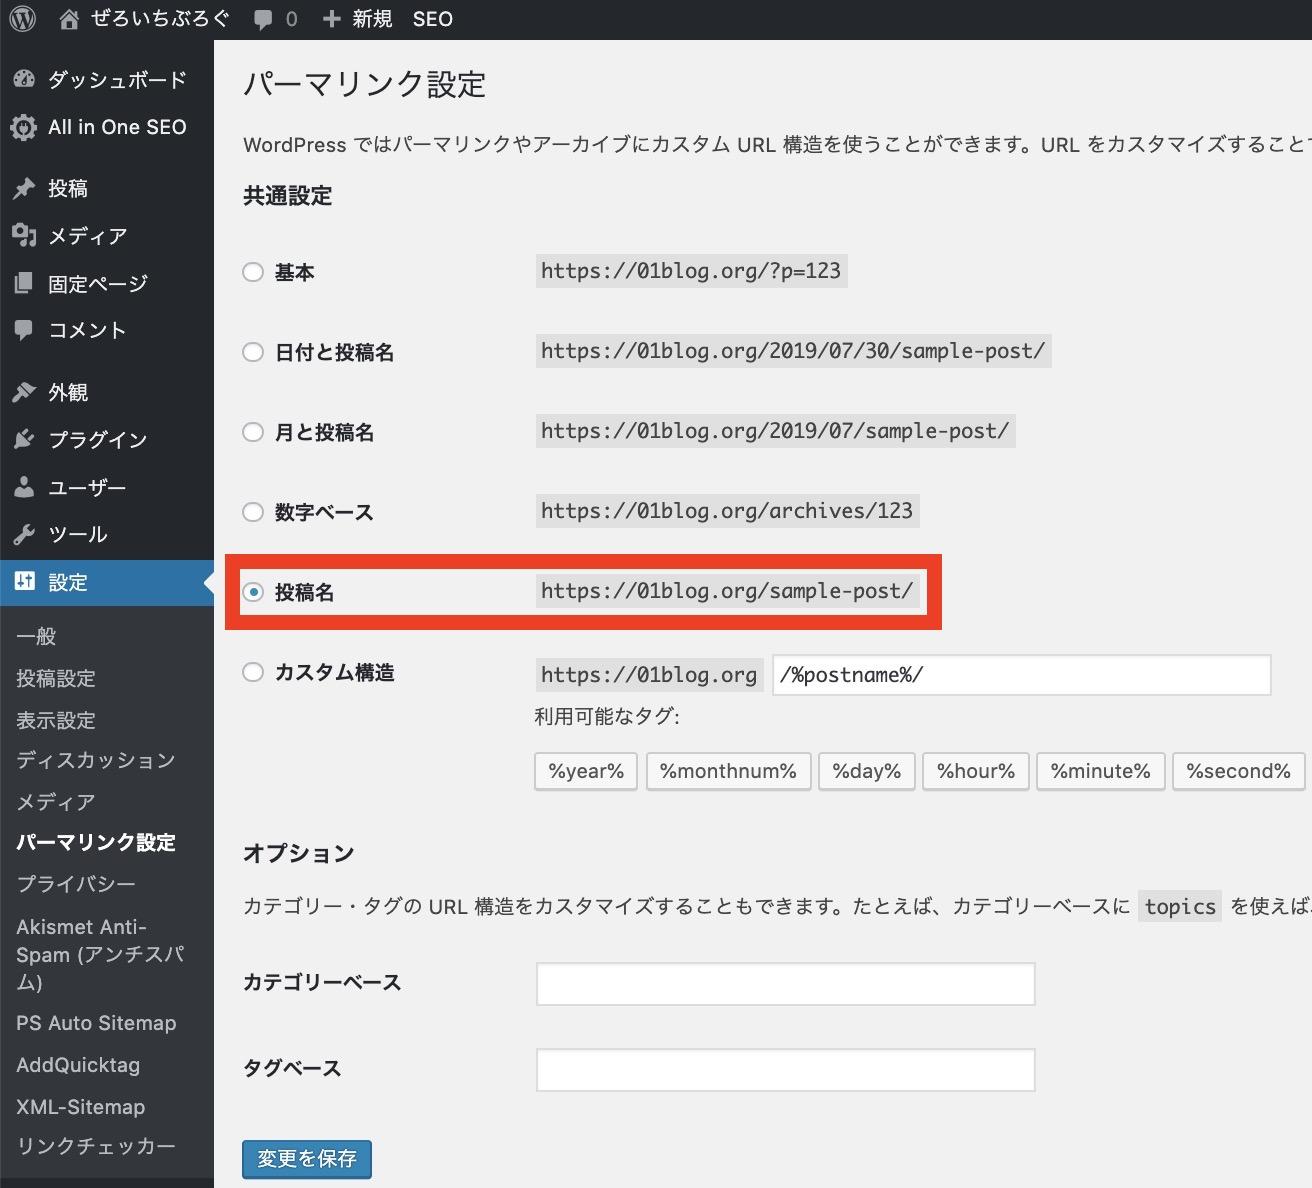 WordPressのパーマリンクの設定に関する注意